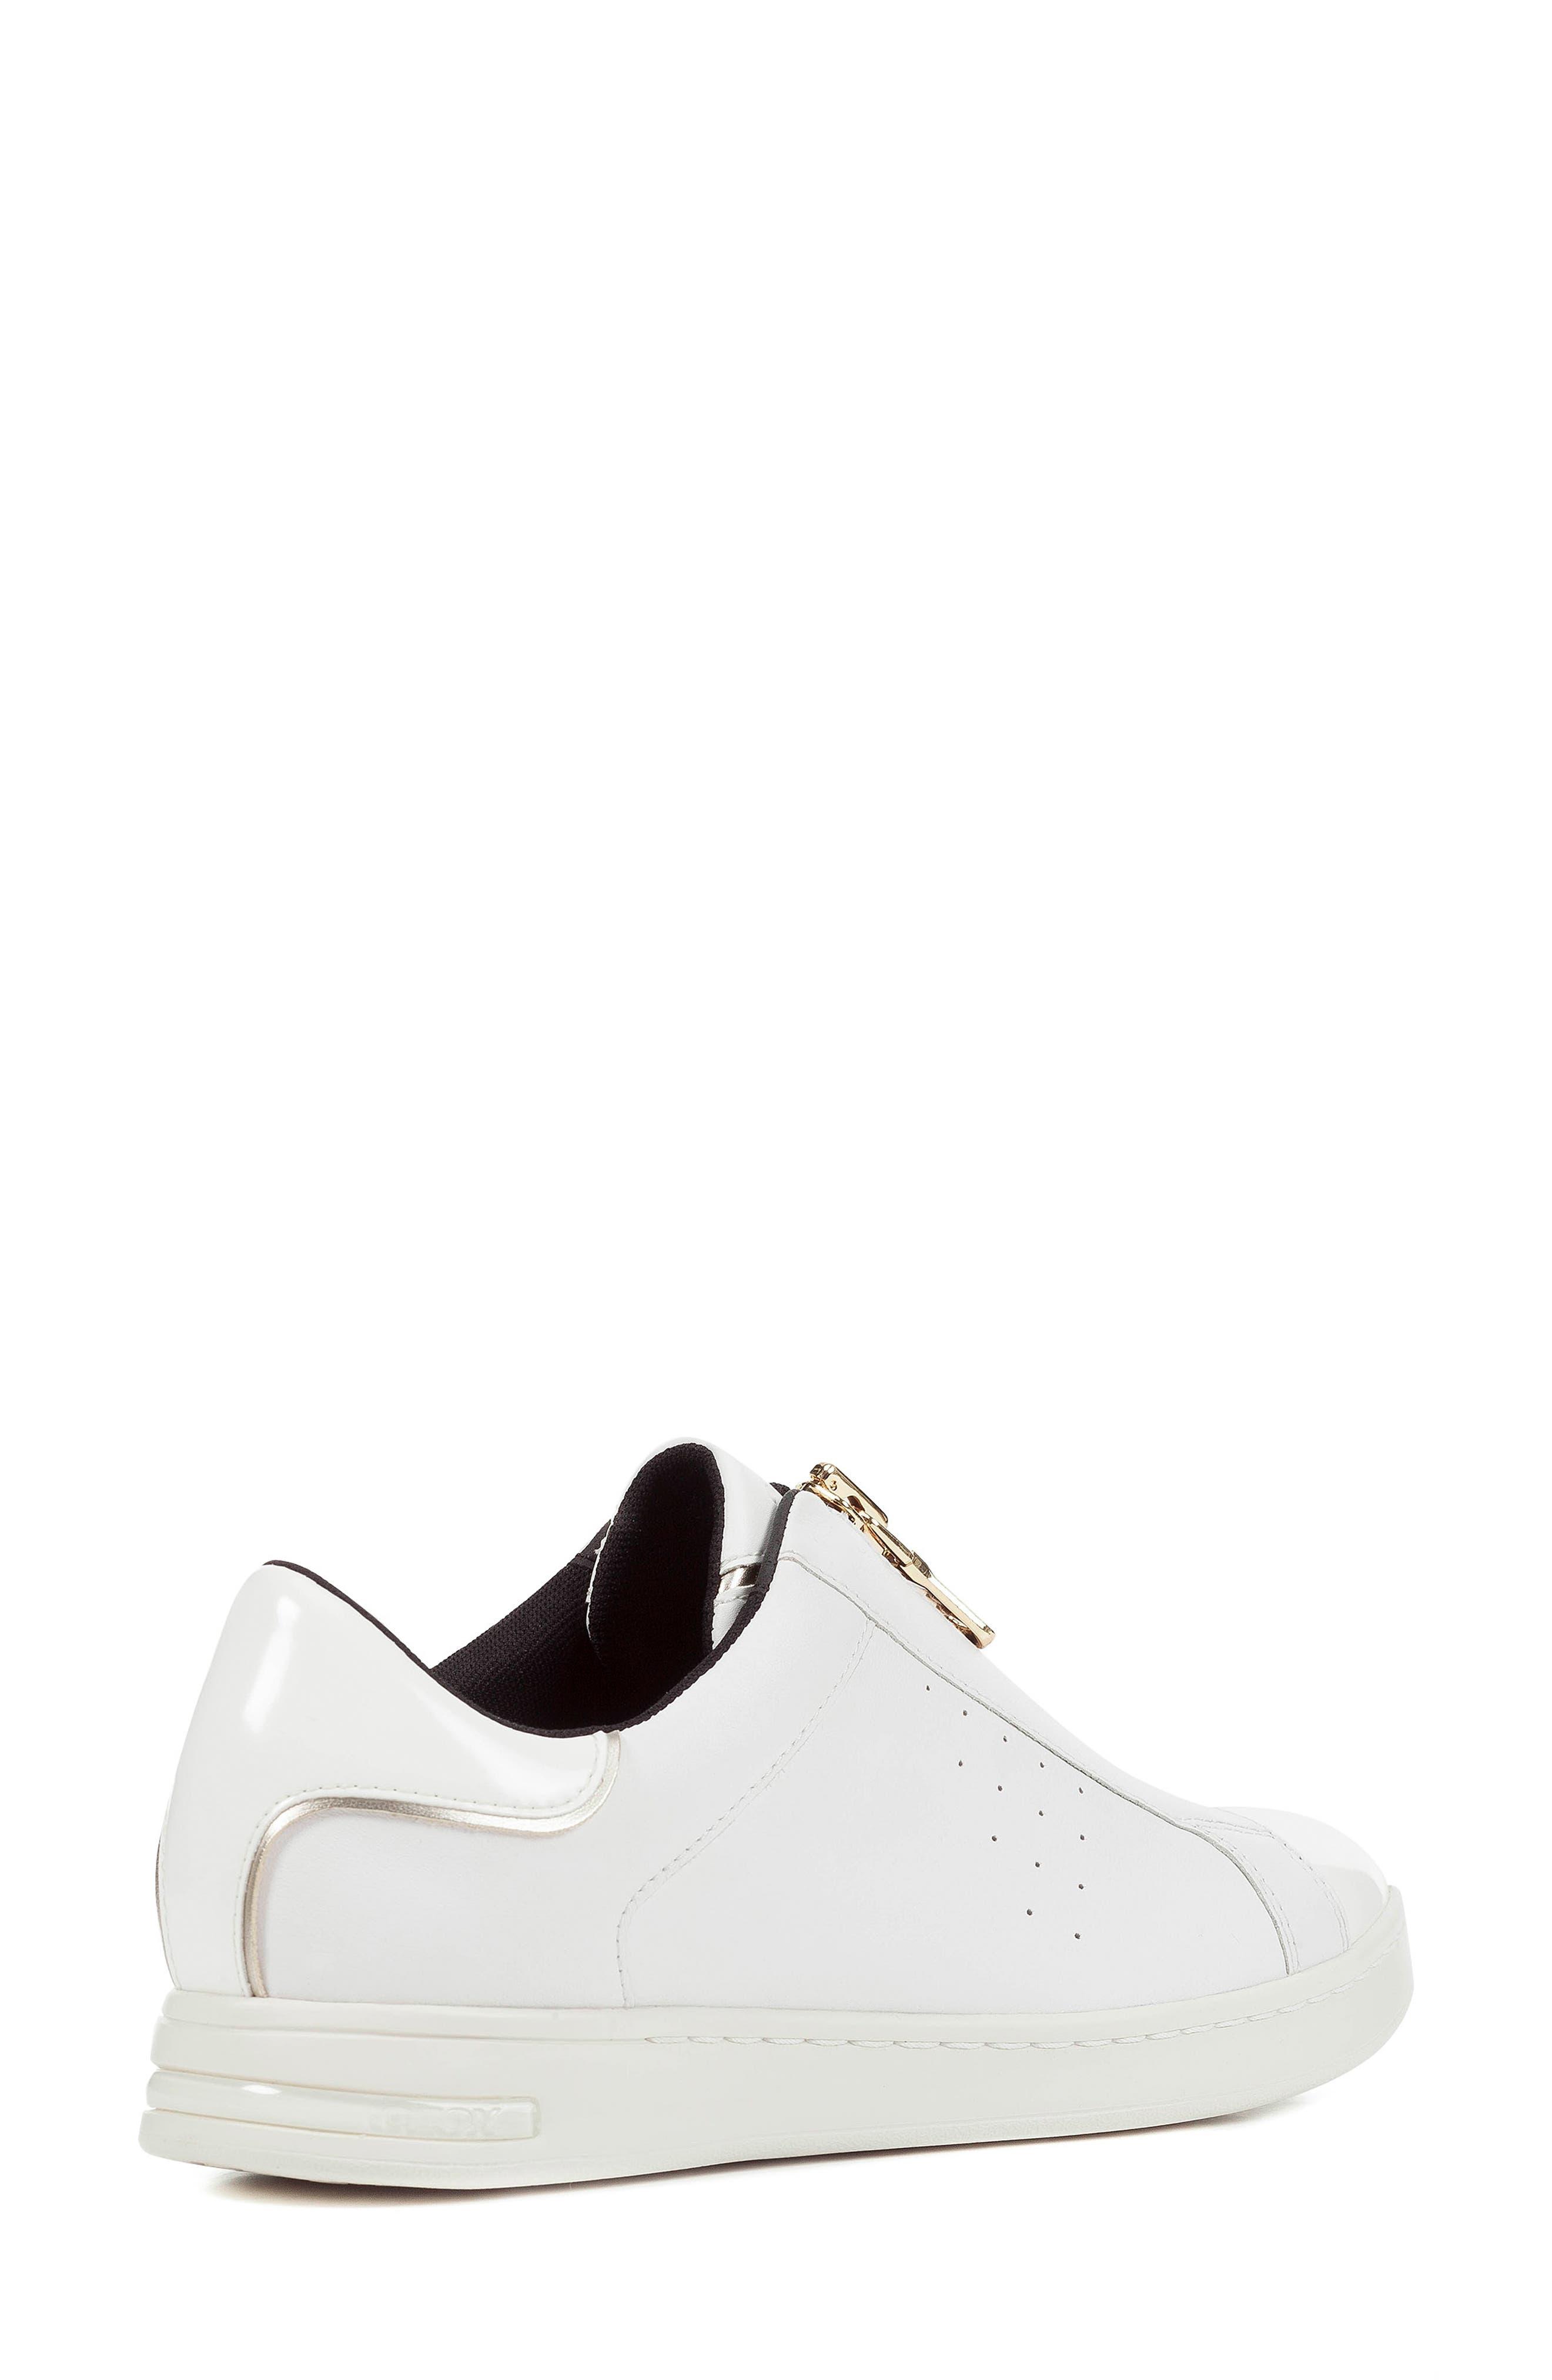 Jaysen Sneaker,                             Alternate thumbnail 2, color,                             WHITE LEATHER